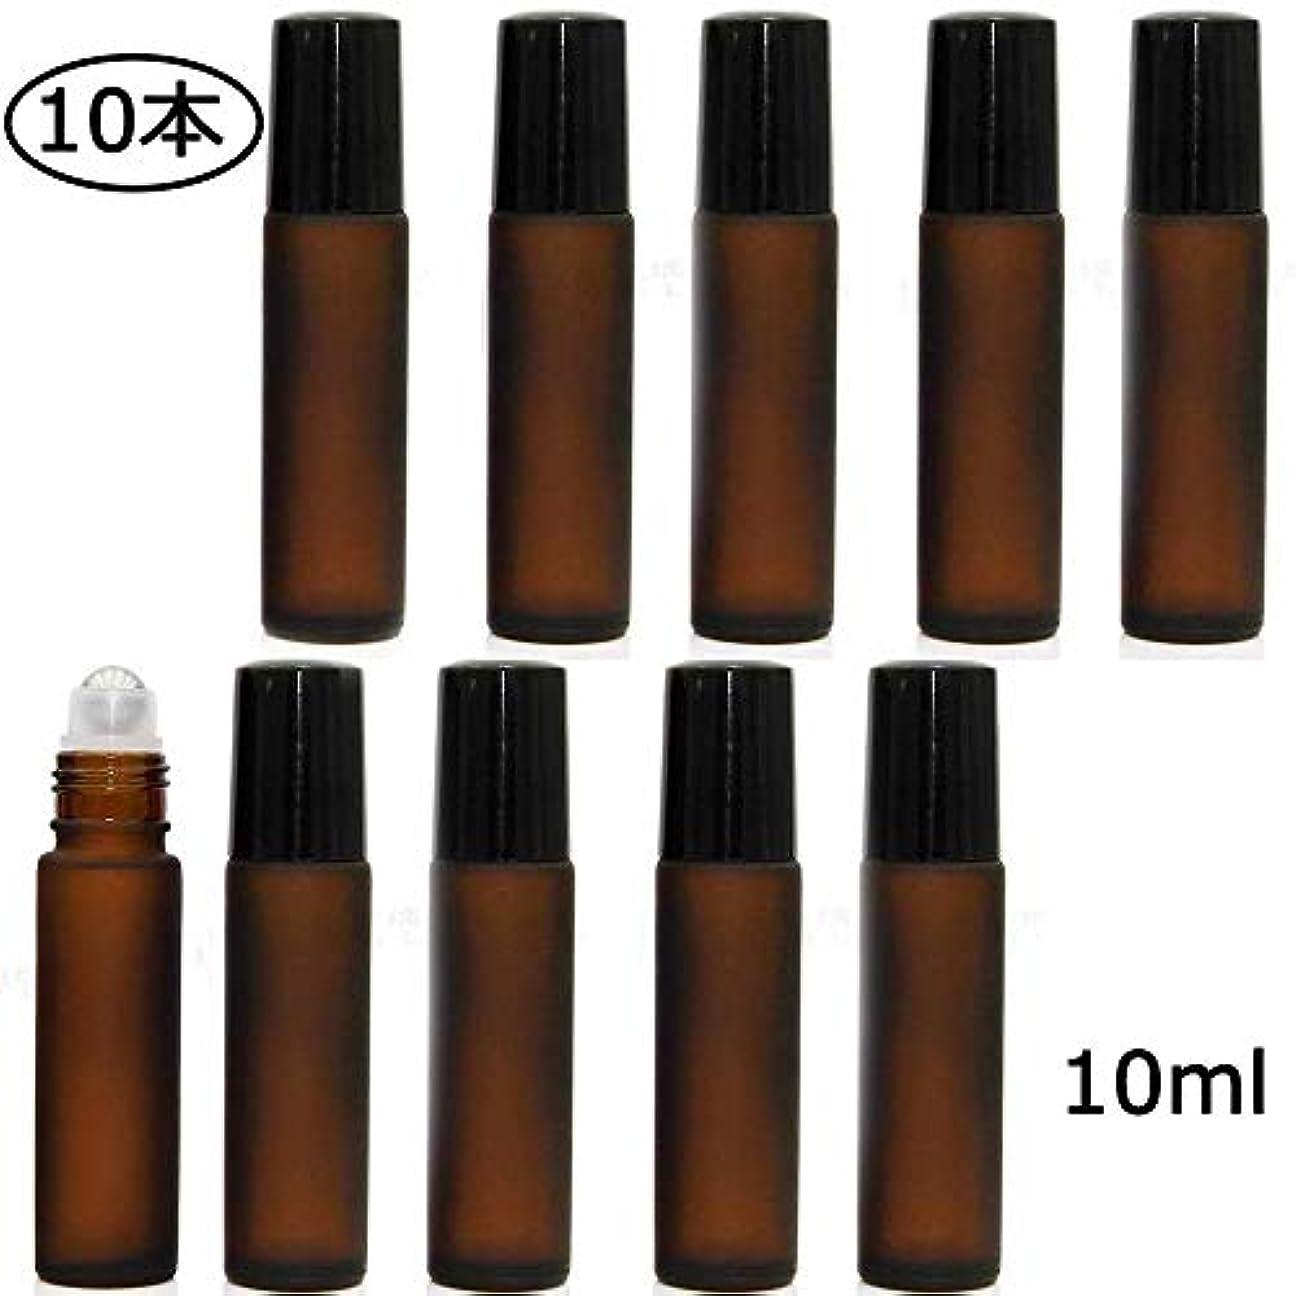 会計士ファンブルぼんやりしたgundoop ロールオンボトル アロマオイル 精油 小分け用 遮光瓶 10ml 10本セット ガラスロールタイプ (茶色)